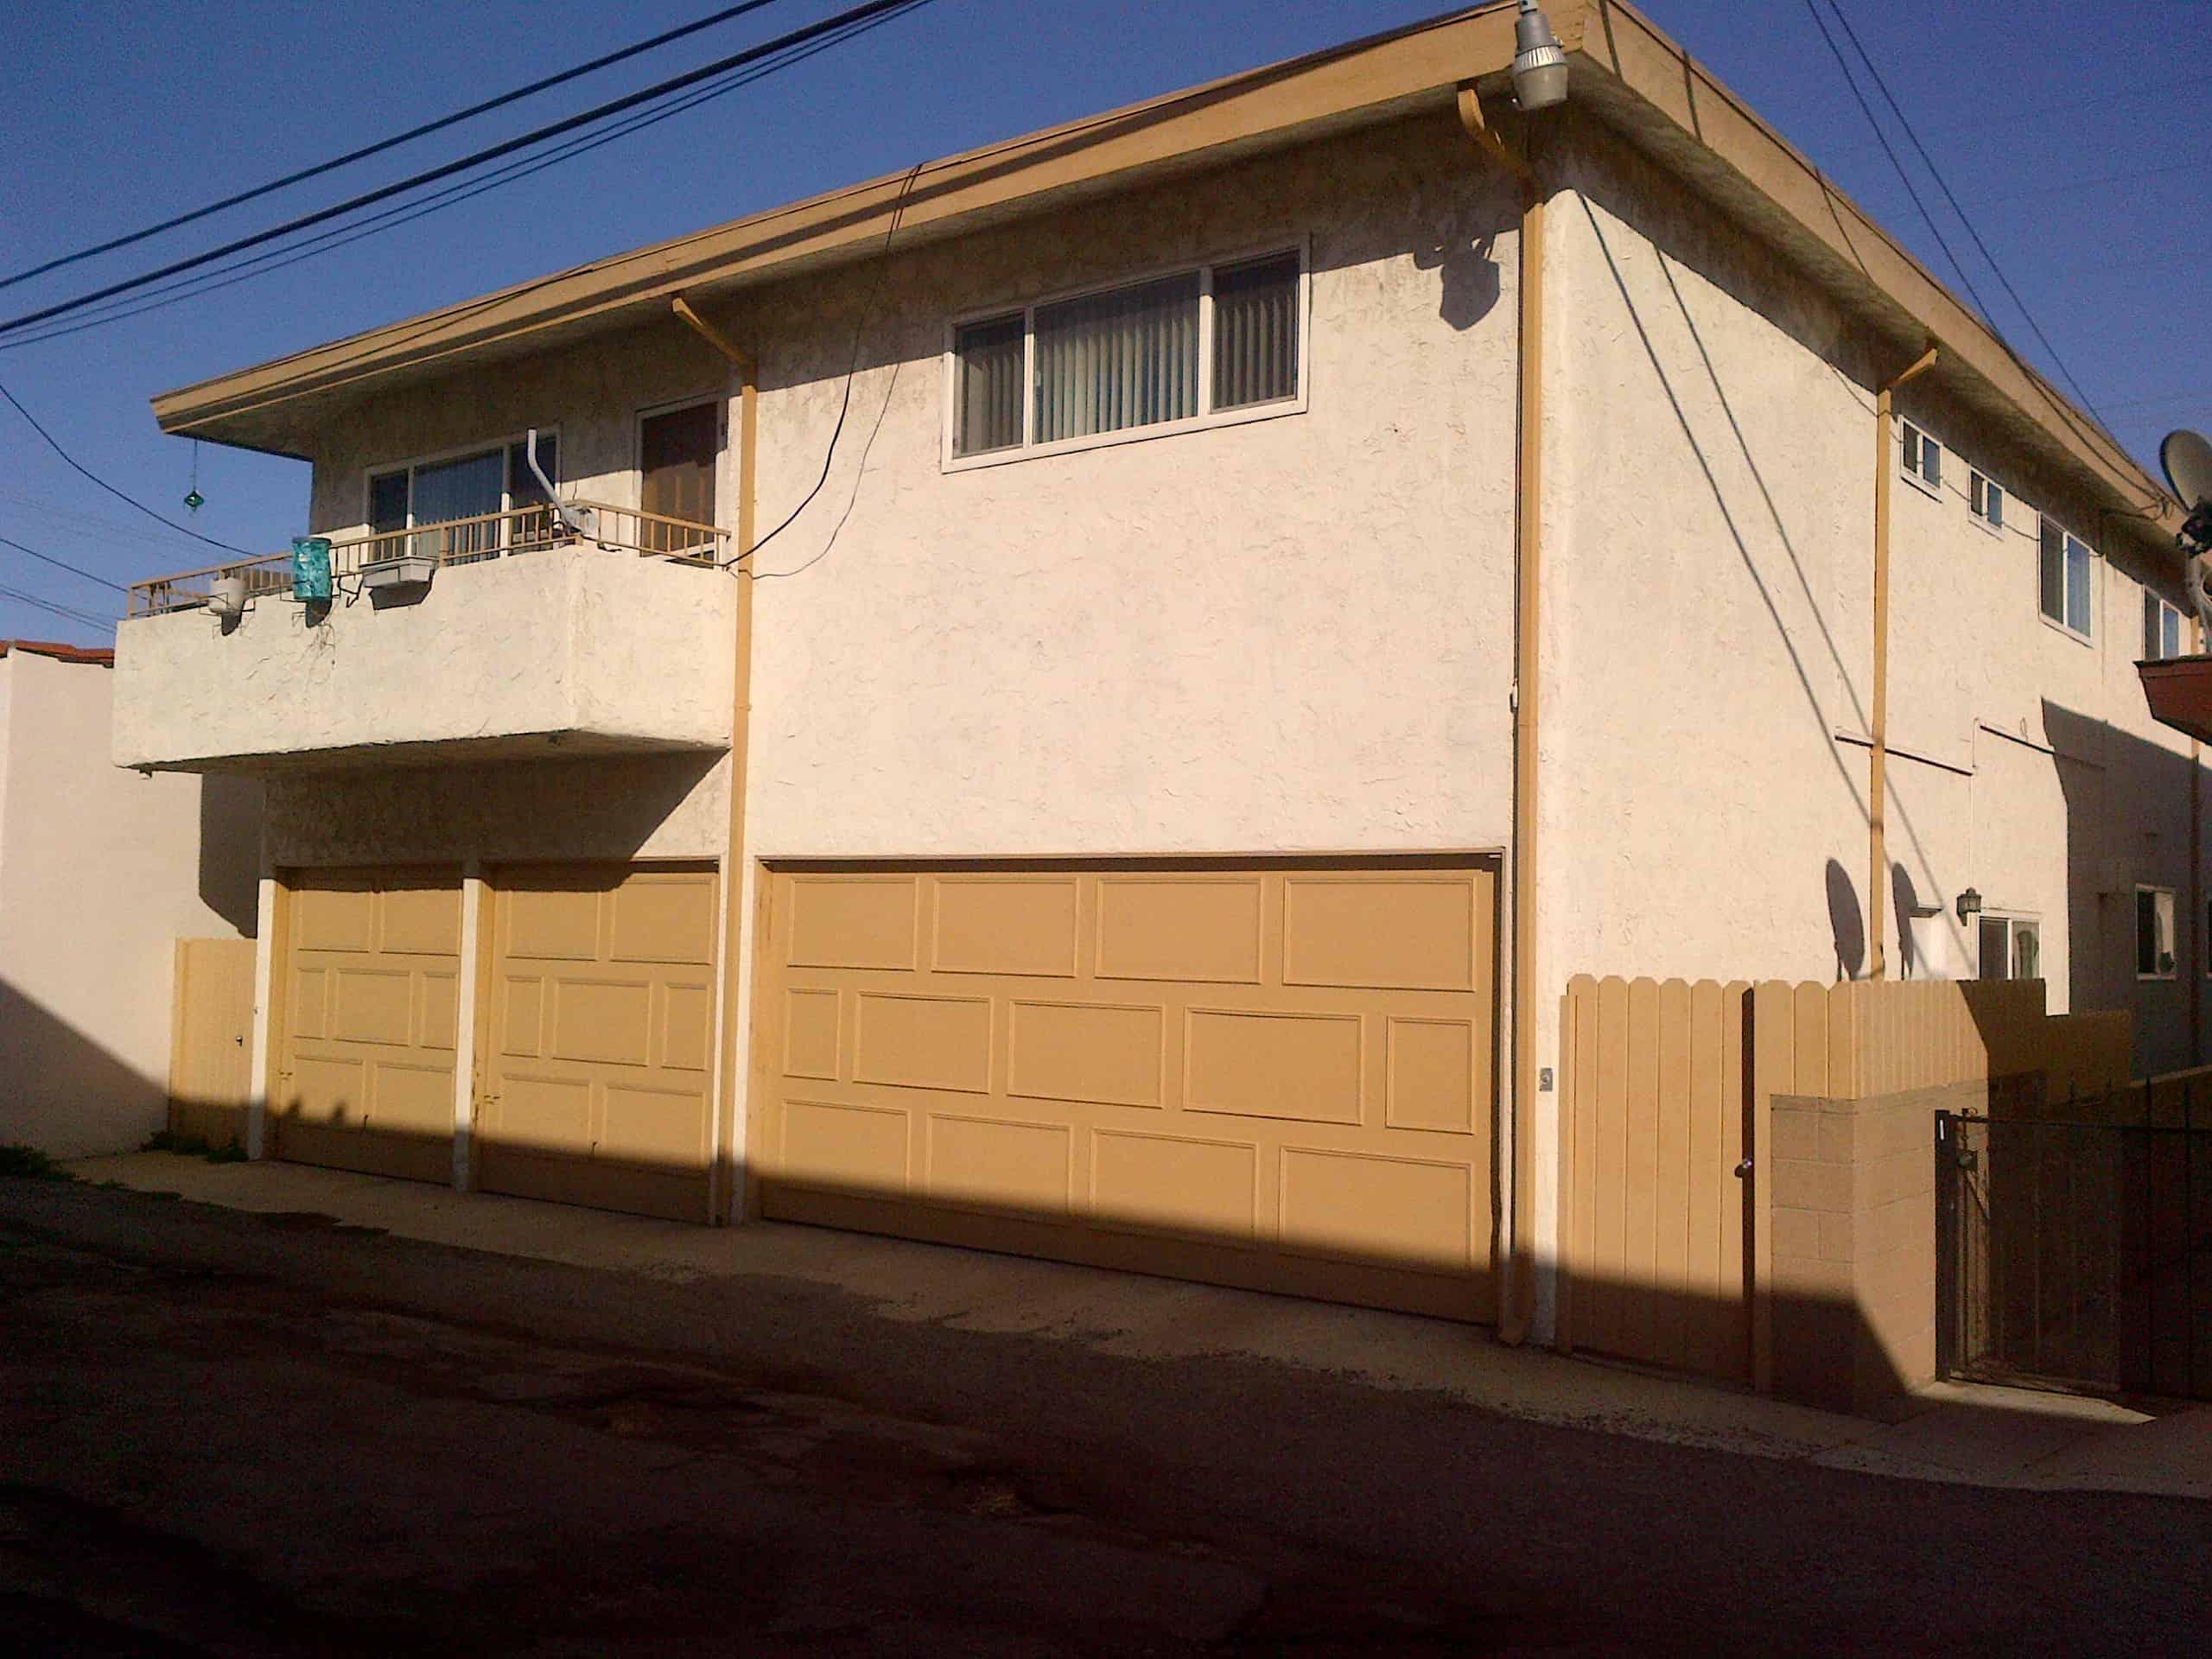 Grand Ave, San Pedro 4-Plex